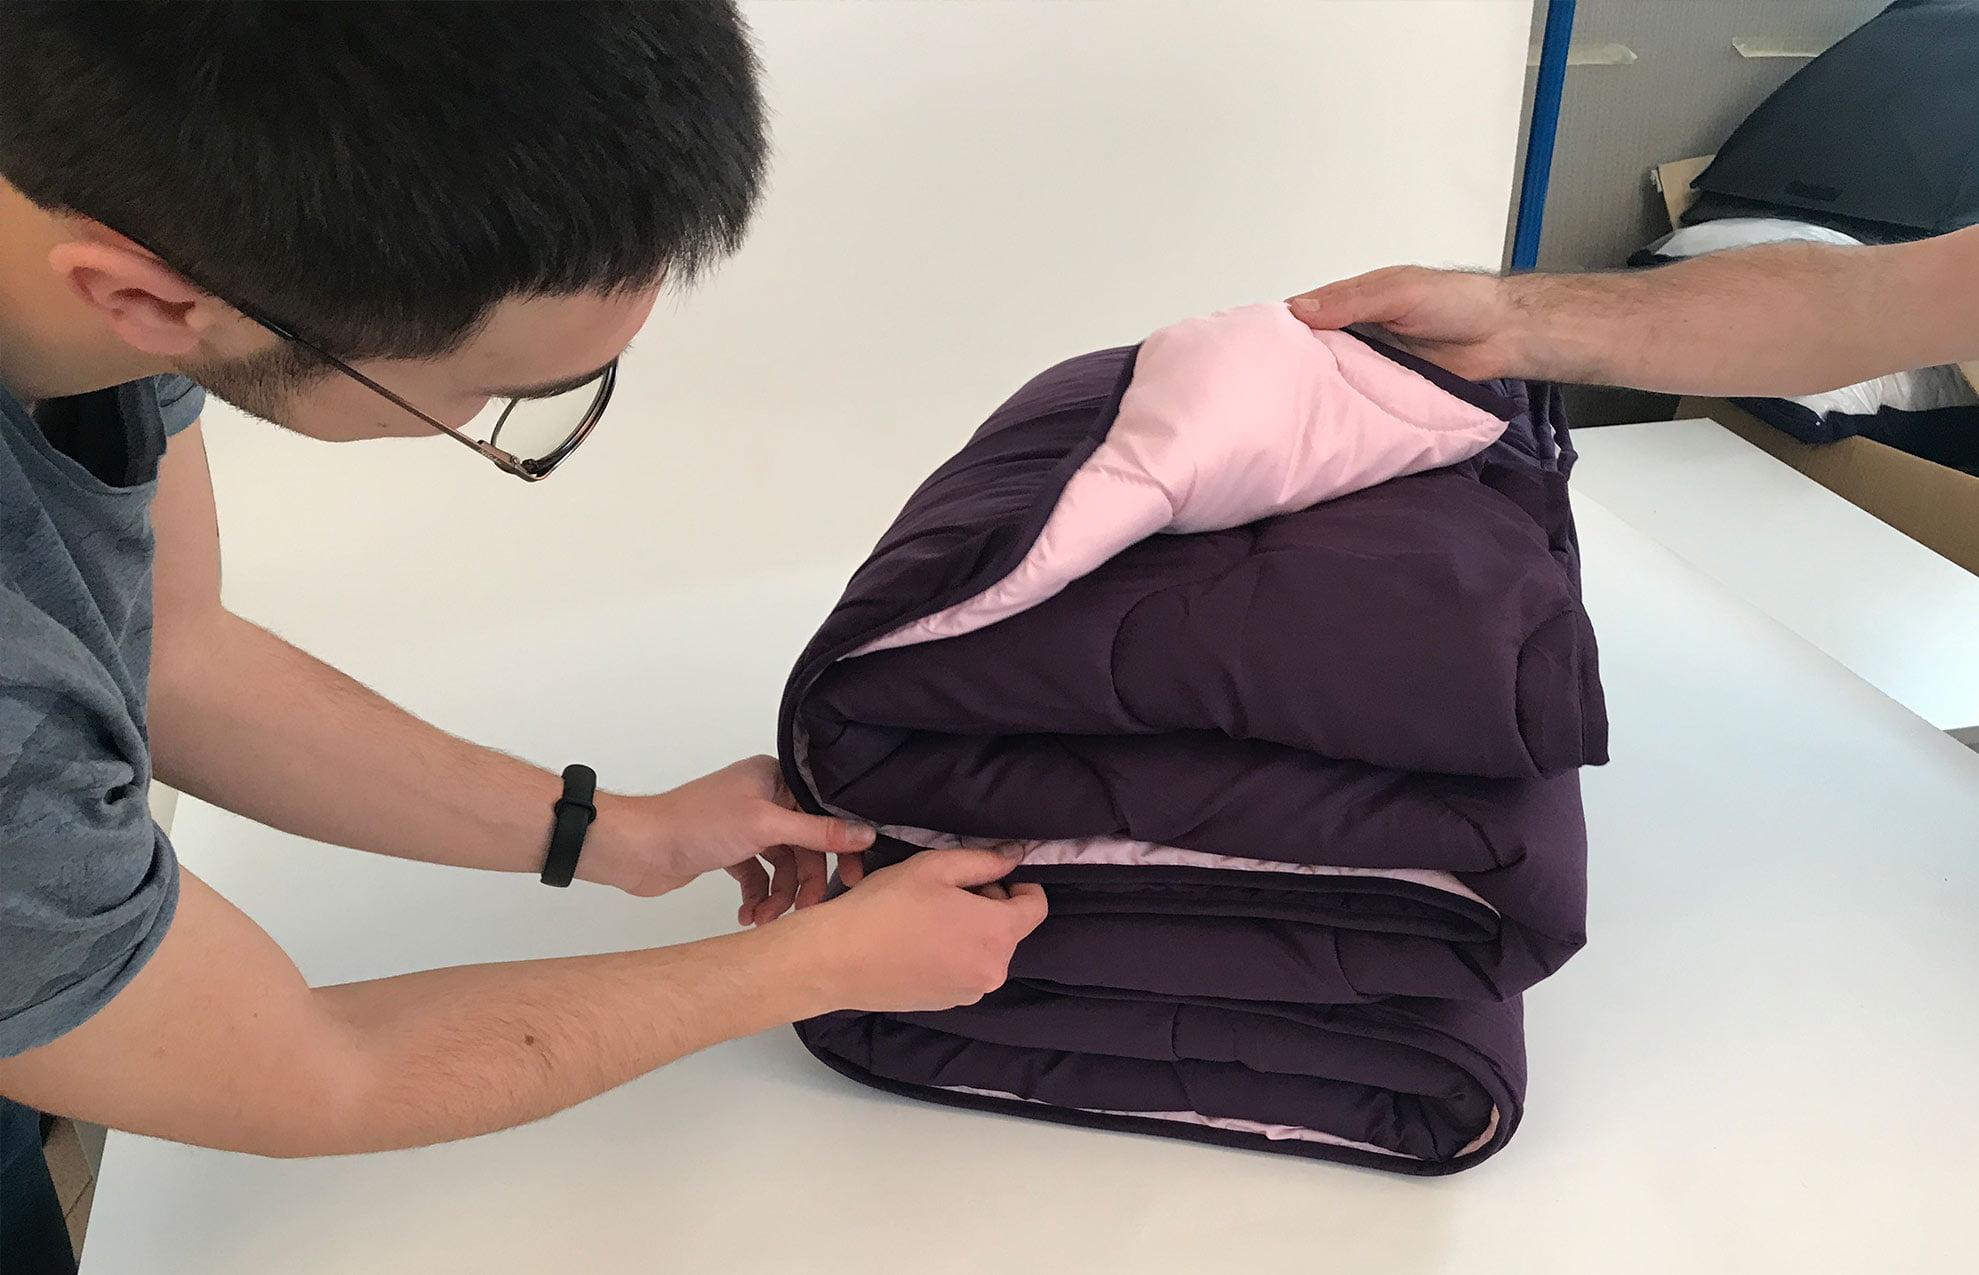 fotografia de producto textil - ¿Qué fotos debo poner en mi web?